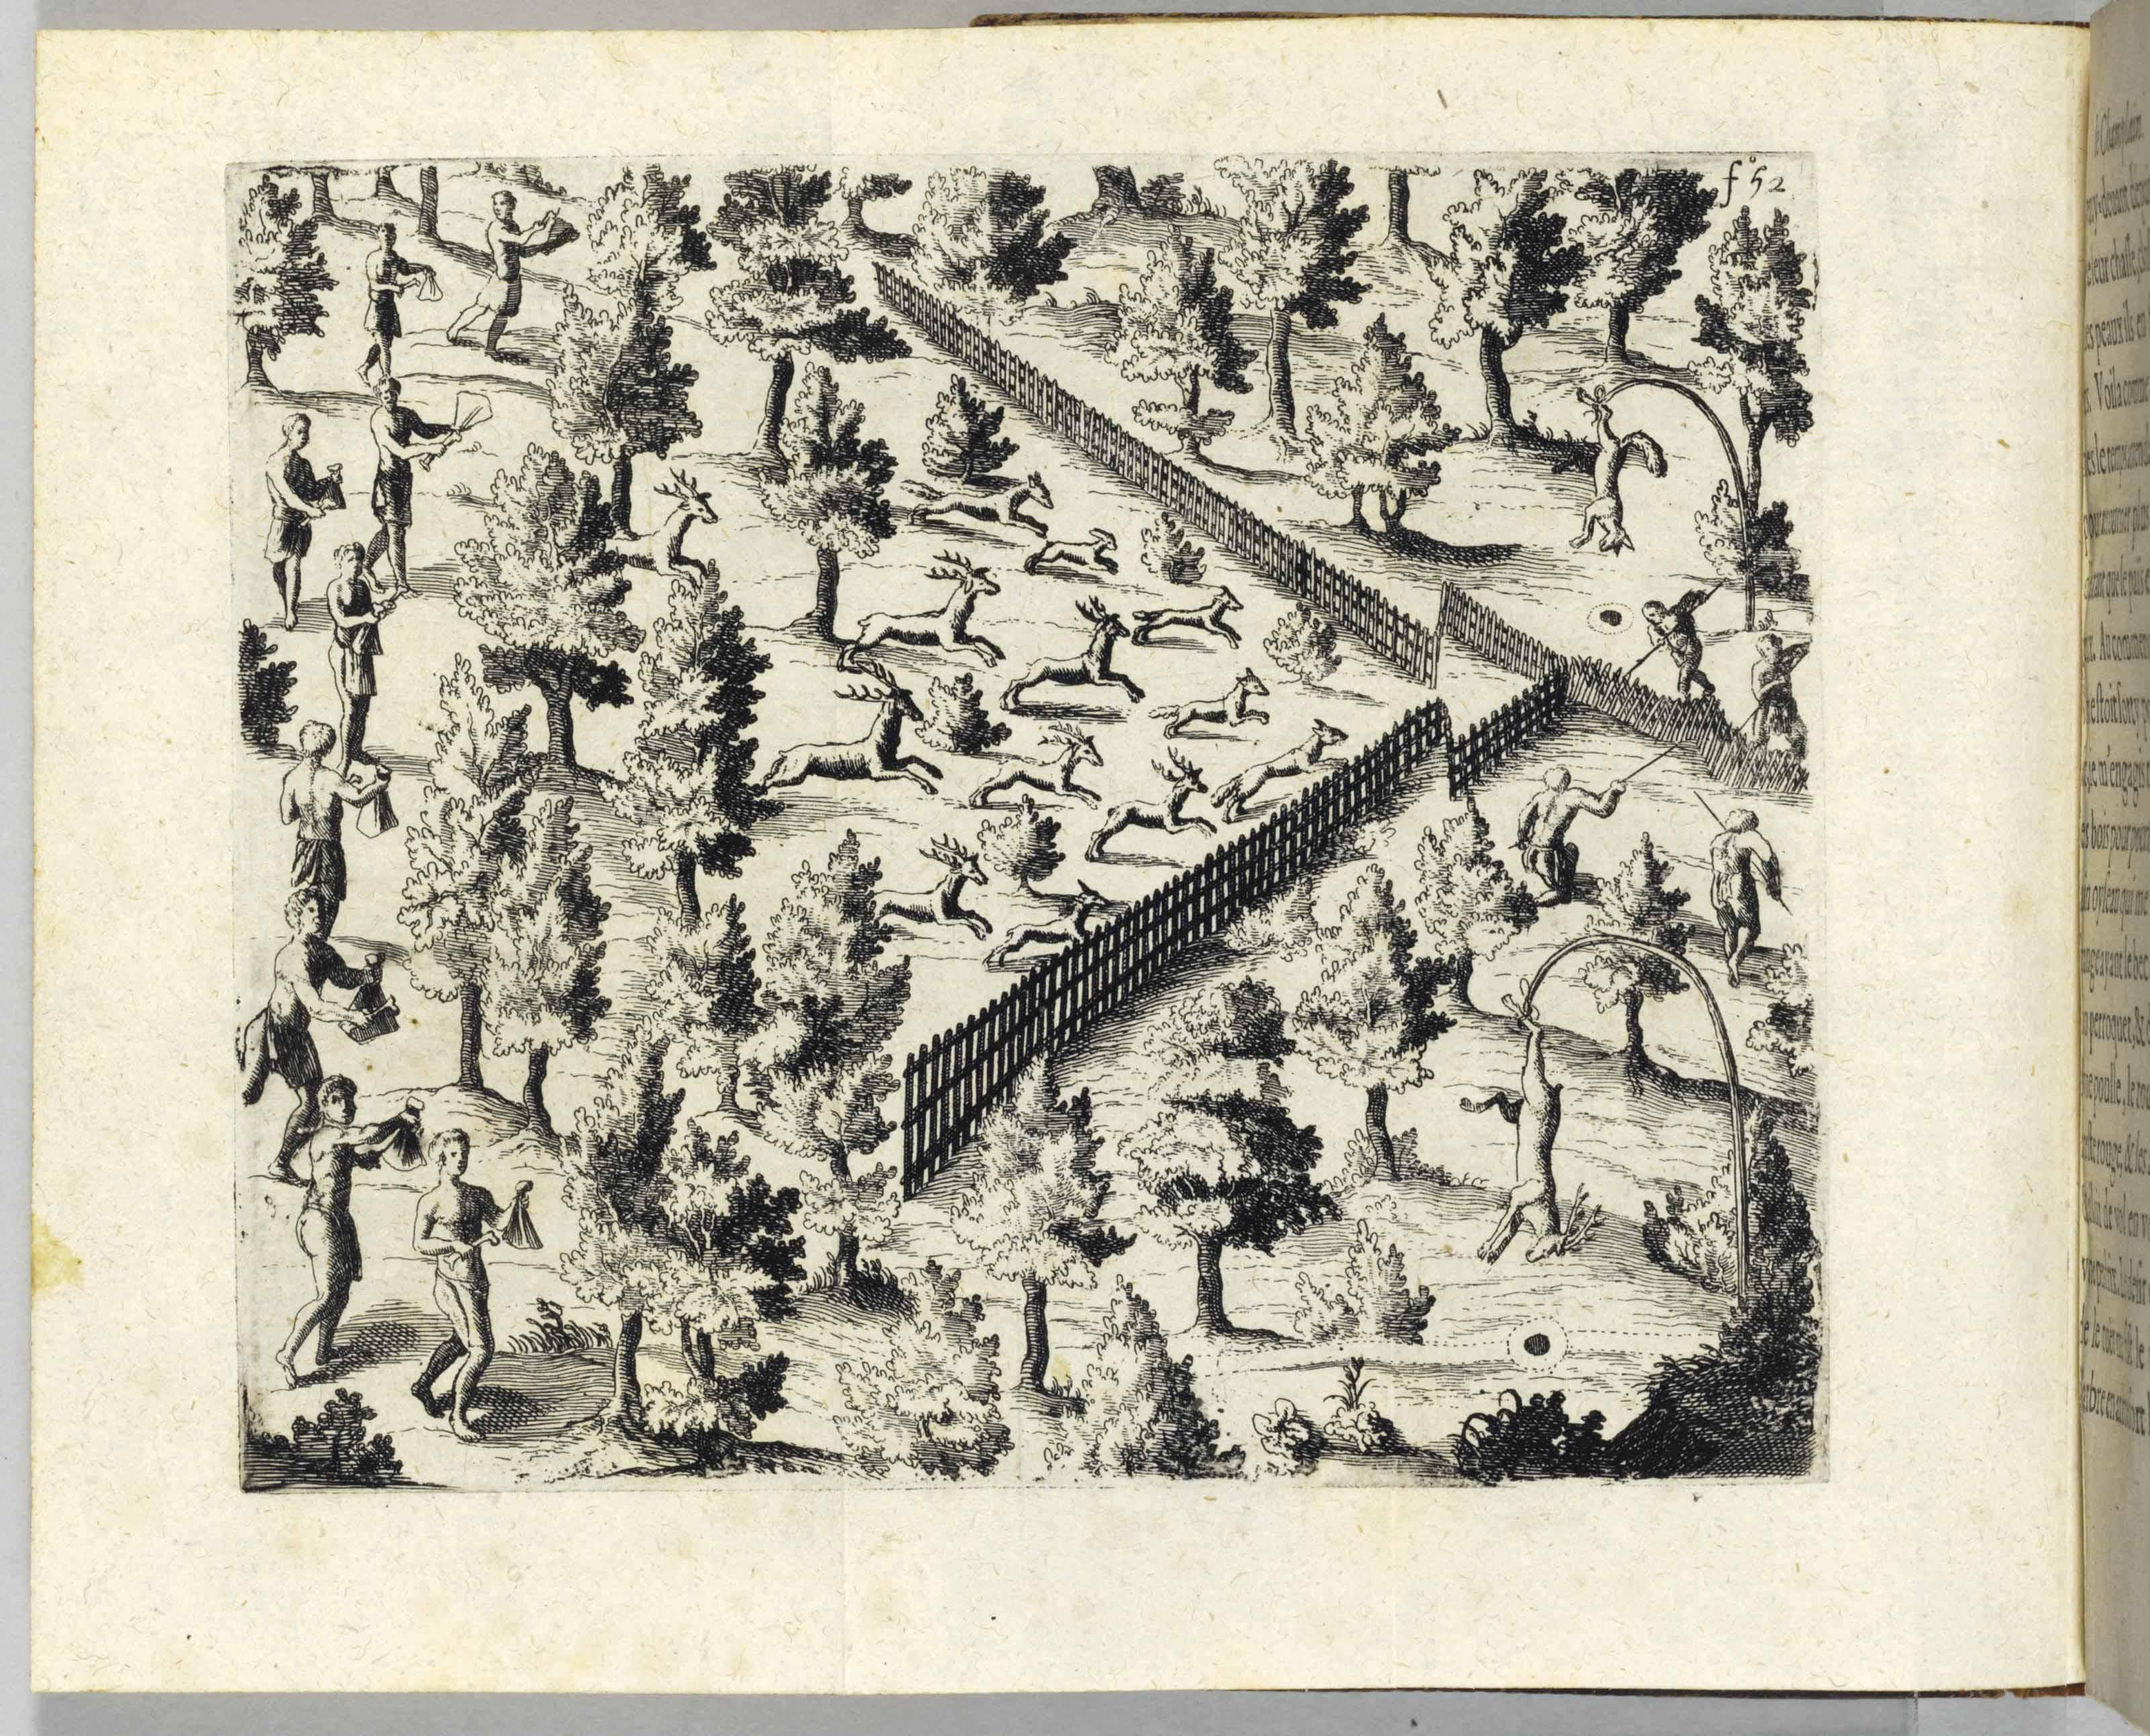 CHAMPLAIN, Samuel de. Voyages et descouuertures faites en la nouvelle faites en la Nouvelle France, depuis l'année 1615. iusques à la fin de l'année 1618. Paris: Claude Collet, 1620.